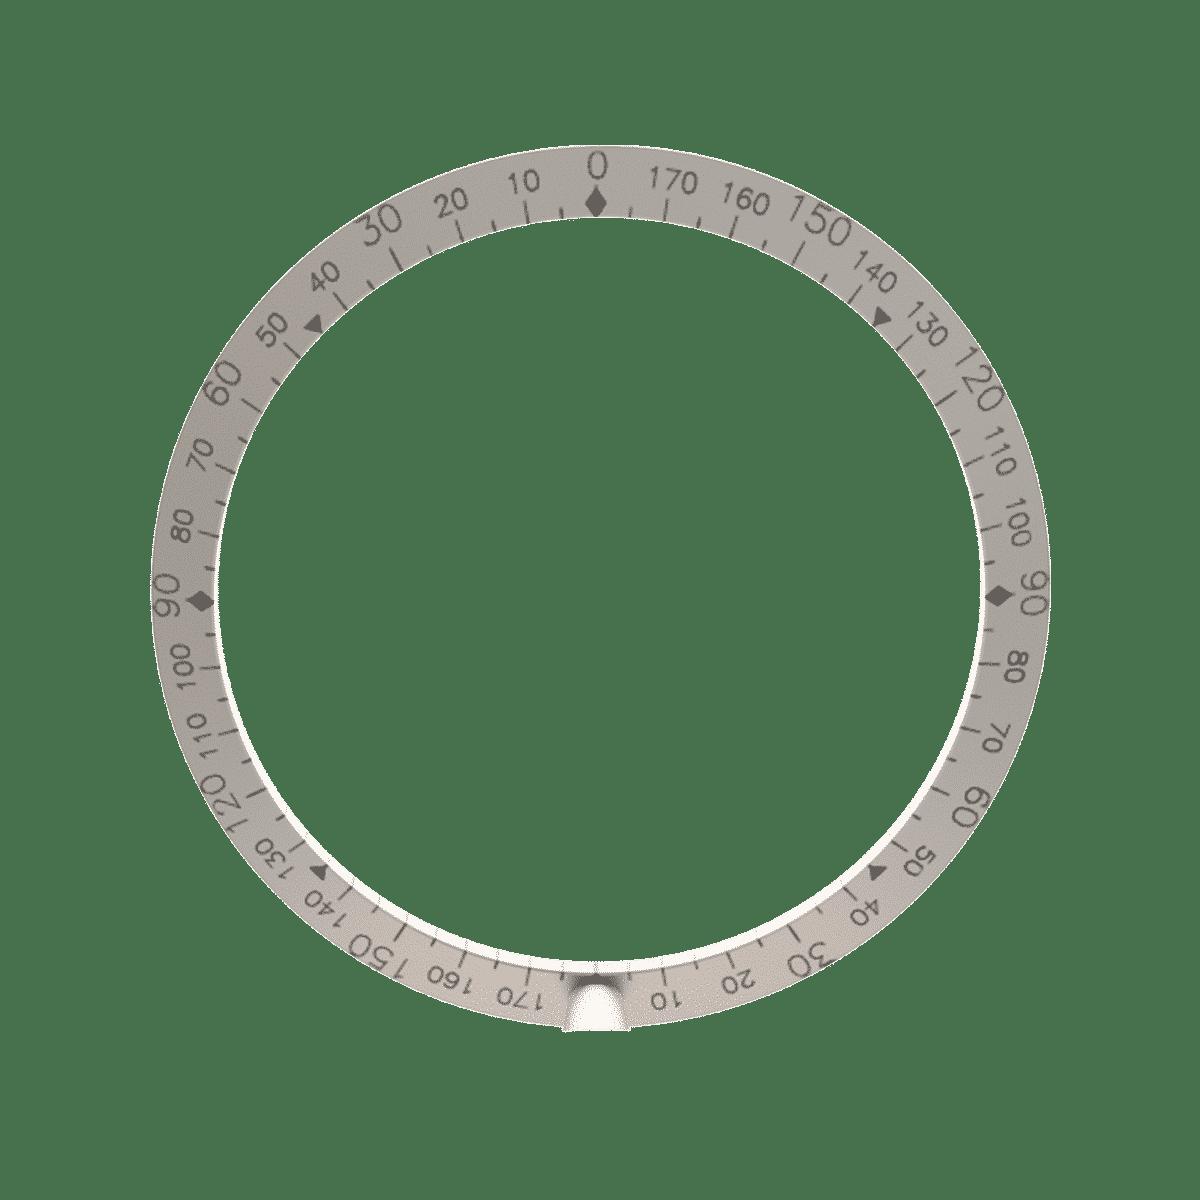 Osher/Nichamin Rings